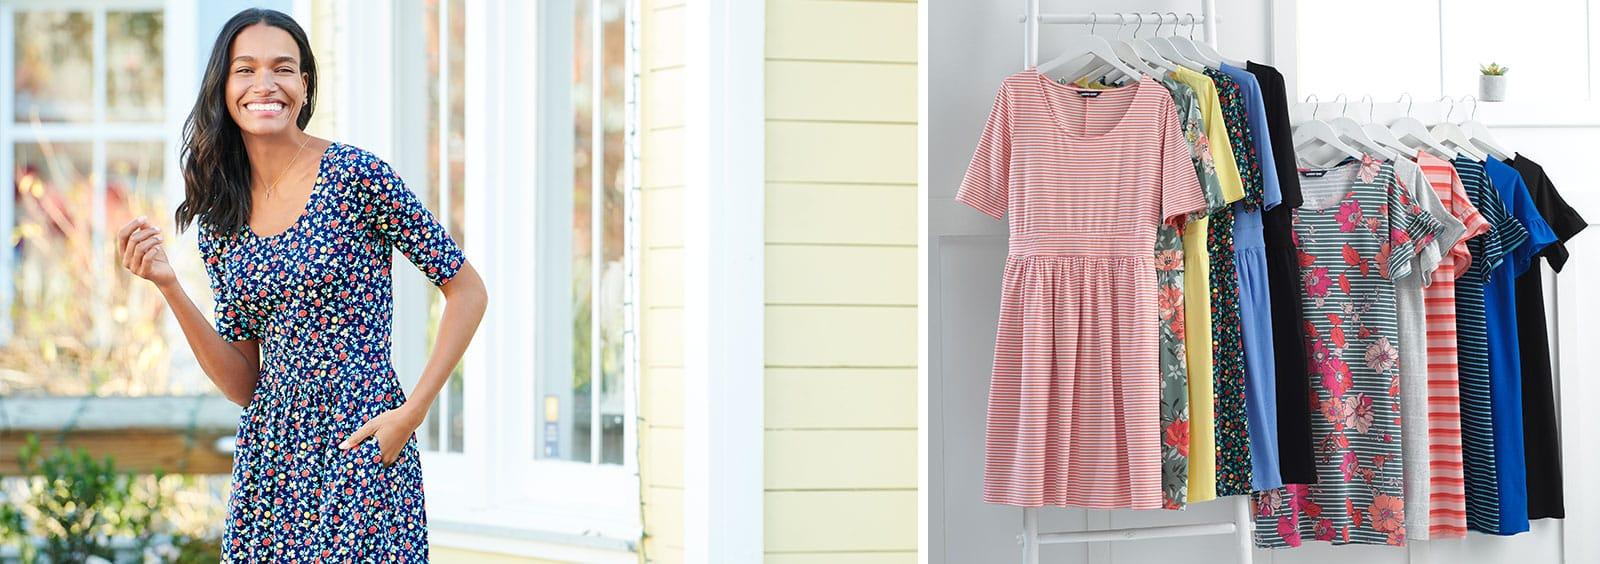 5 Best Women's Spring Dresses